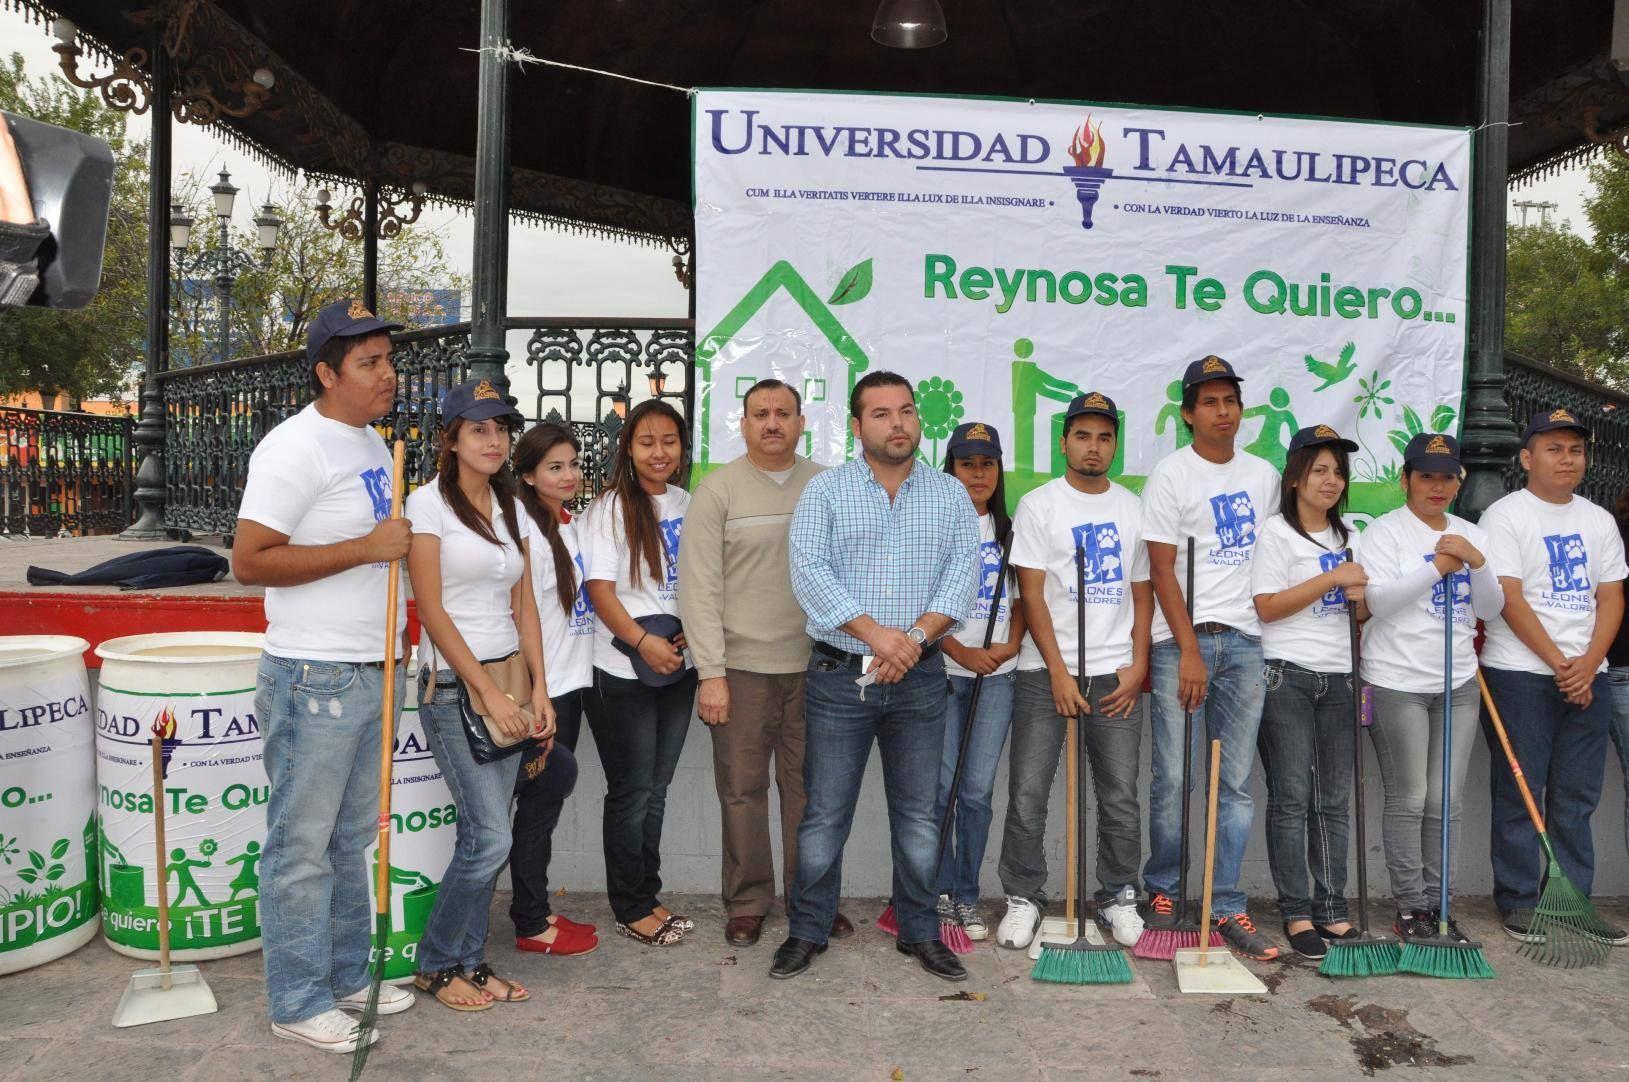 """La coordinación de esfuerzos entre la Universidad Tamaulipeca (UT) y el Ayuntamiento de Reynosa dio por resultado la organización del programa universitario """"#Reynosa te quiero… y porque te quiero ¡te limpio!""""."""